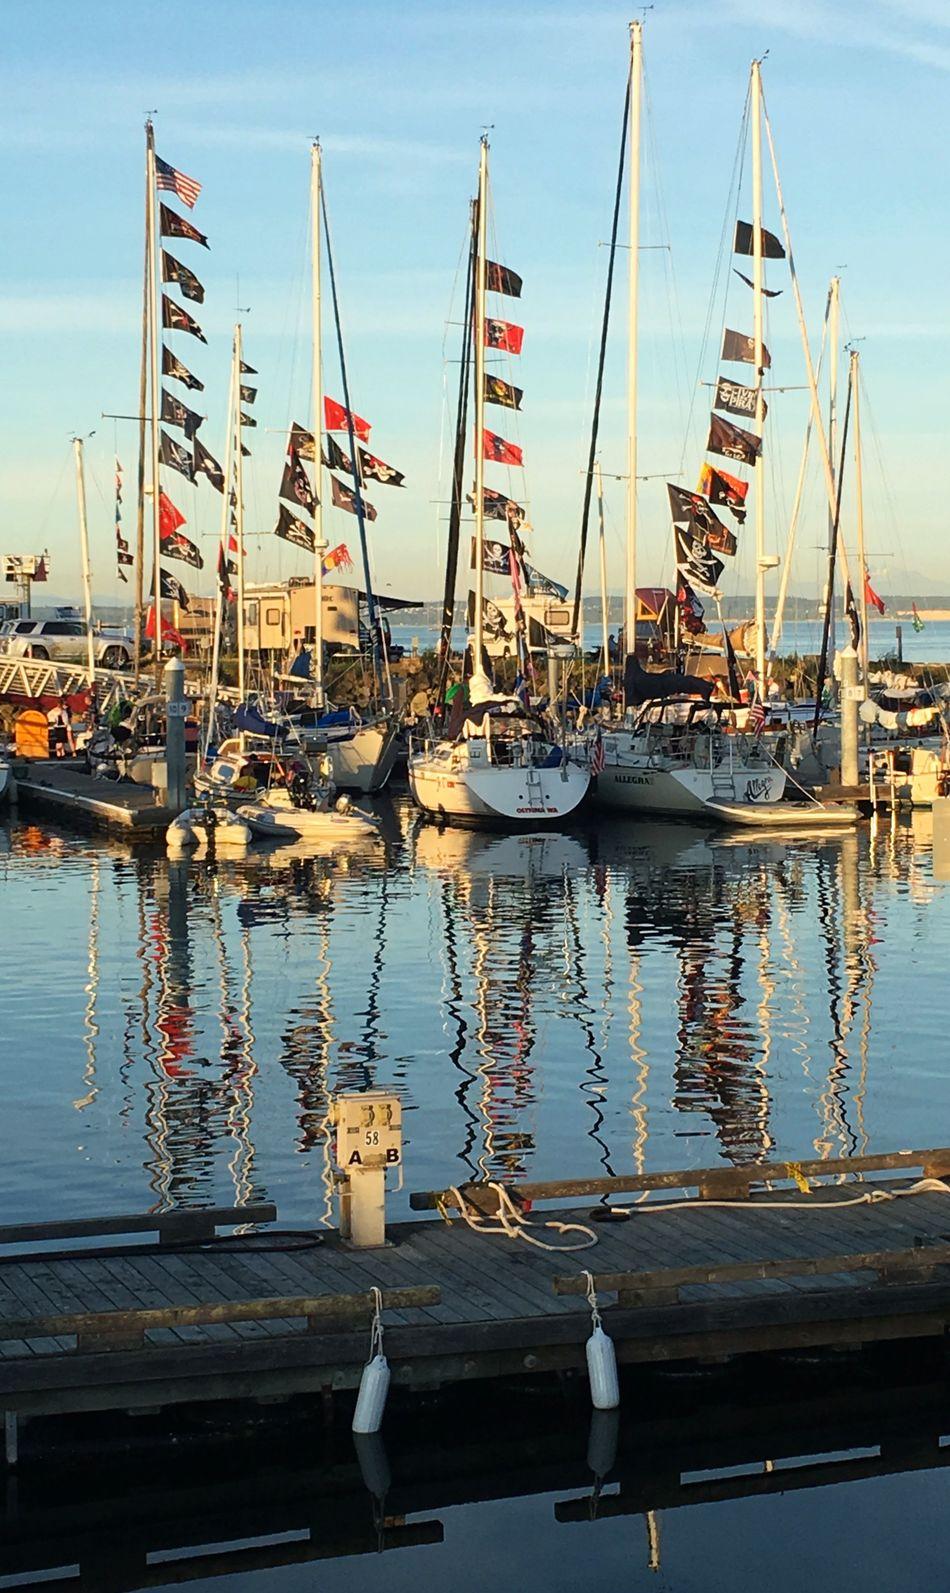 Beautiful stock photos of piraten, reflection, water, mast, nautical vessel